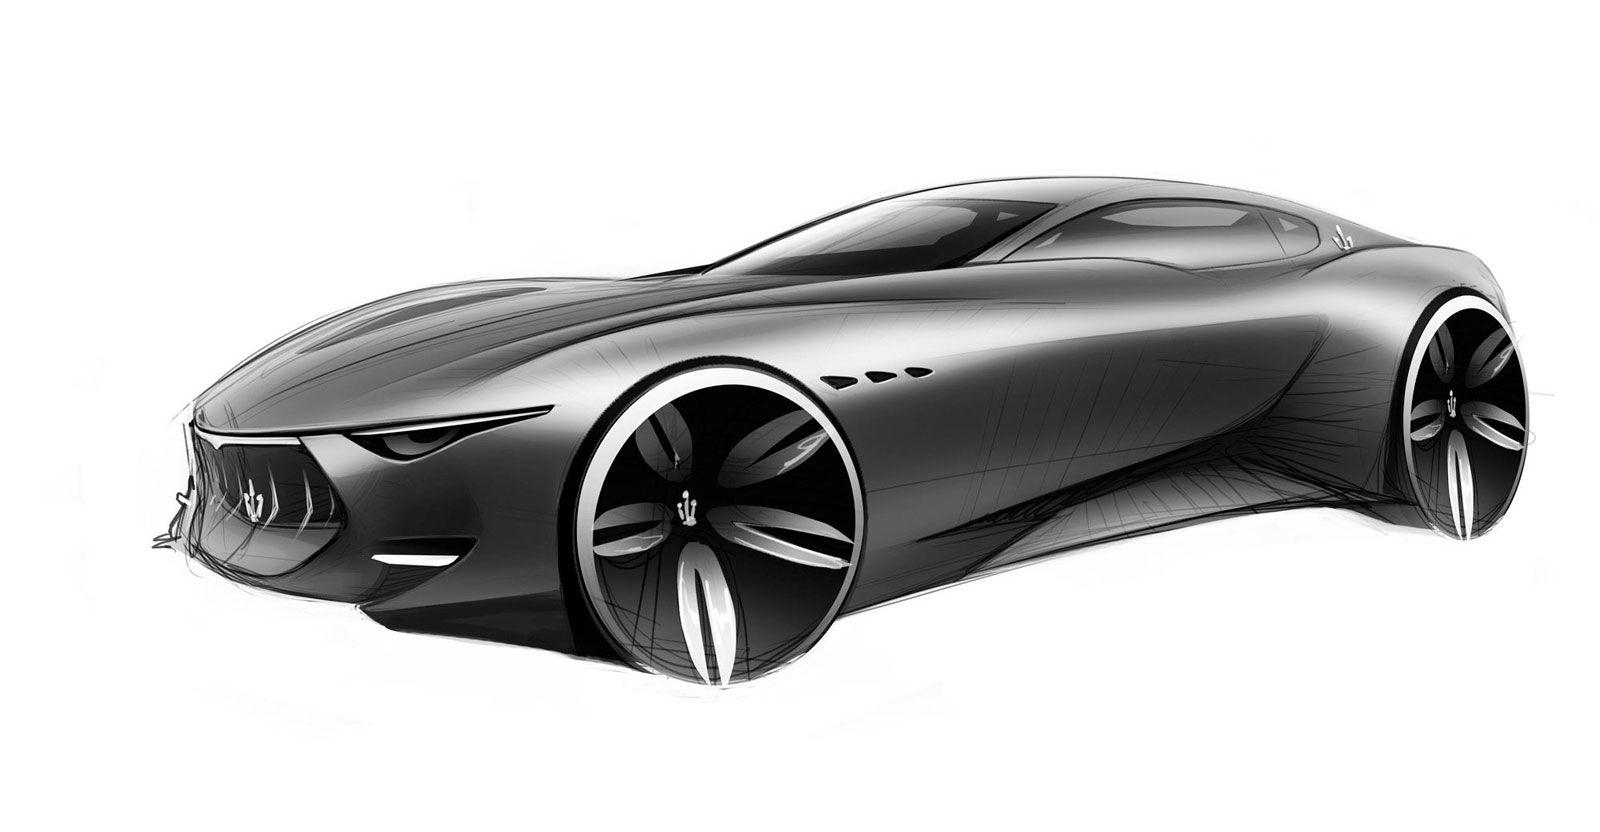 Maserati Alfieri Concept - Design Sketch | S K E T C H | Pinterest ...